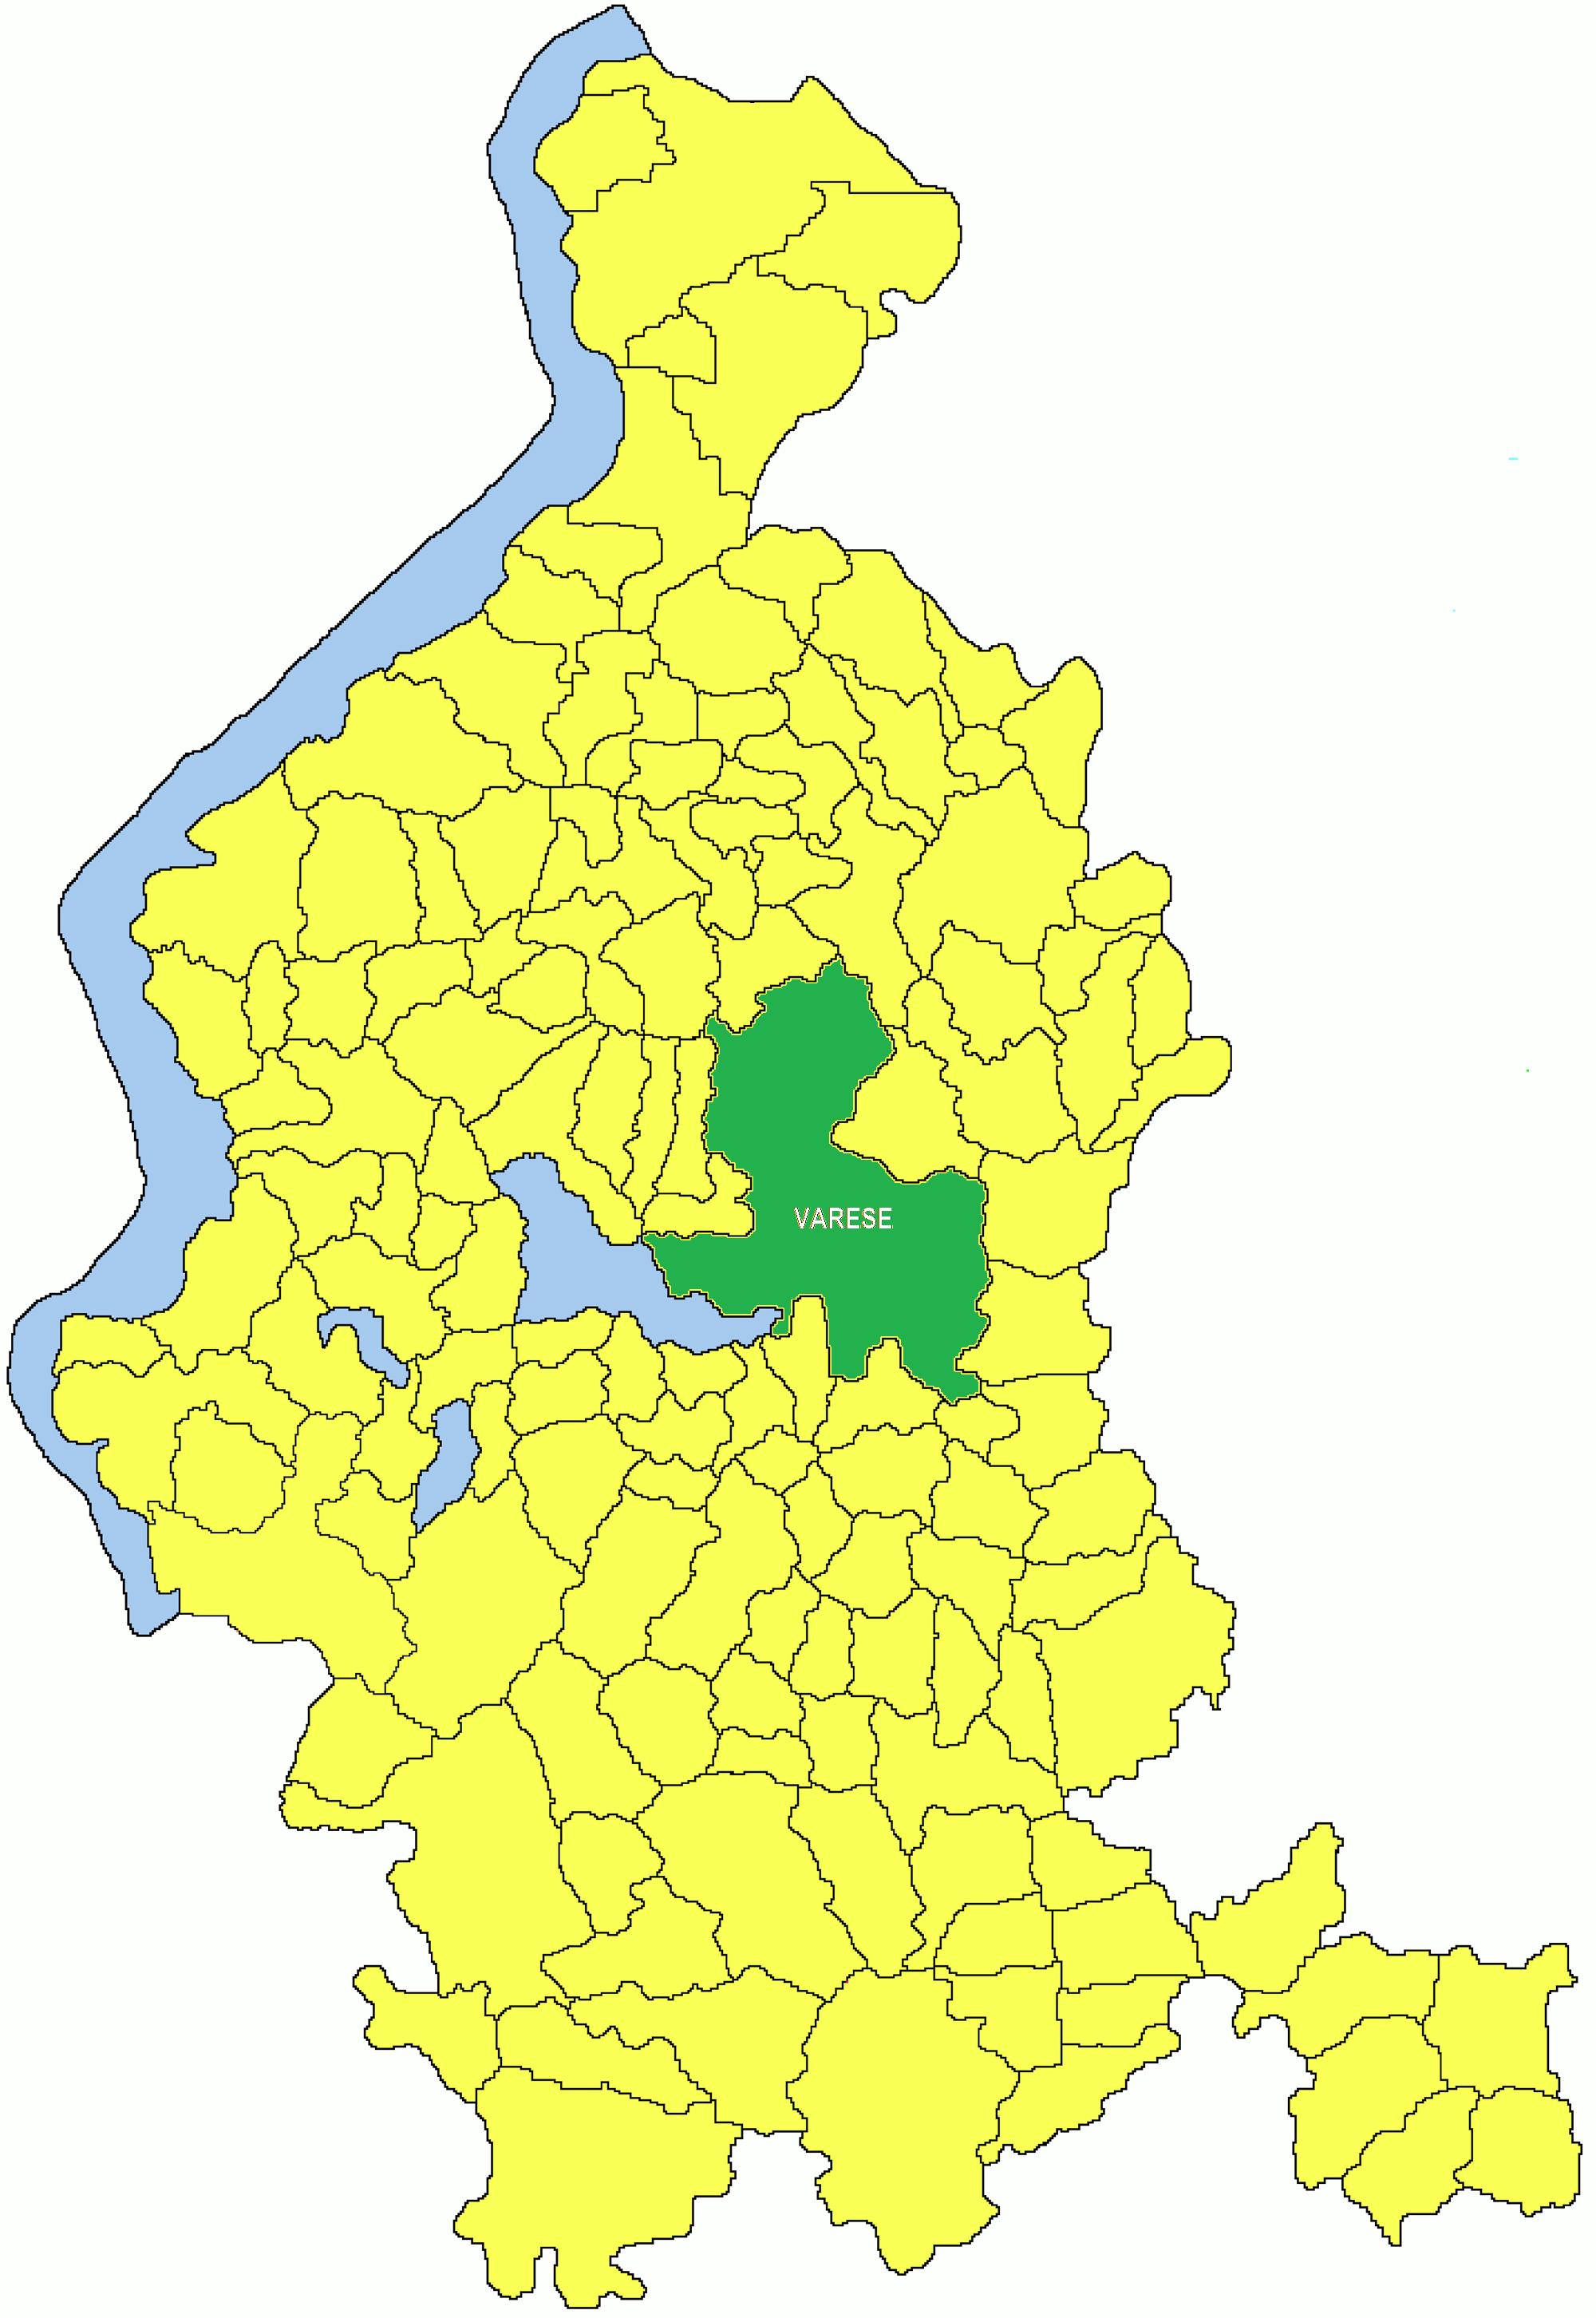 Varese Cartina.File Provincia Di Varese Png Wikipedia